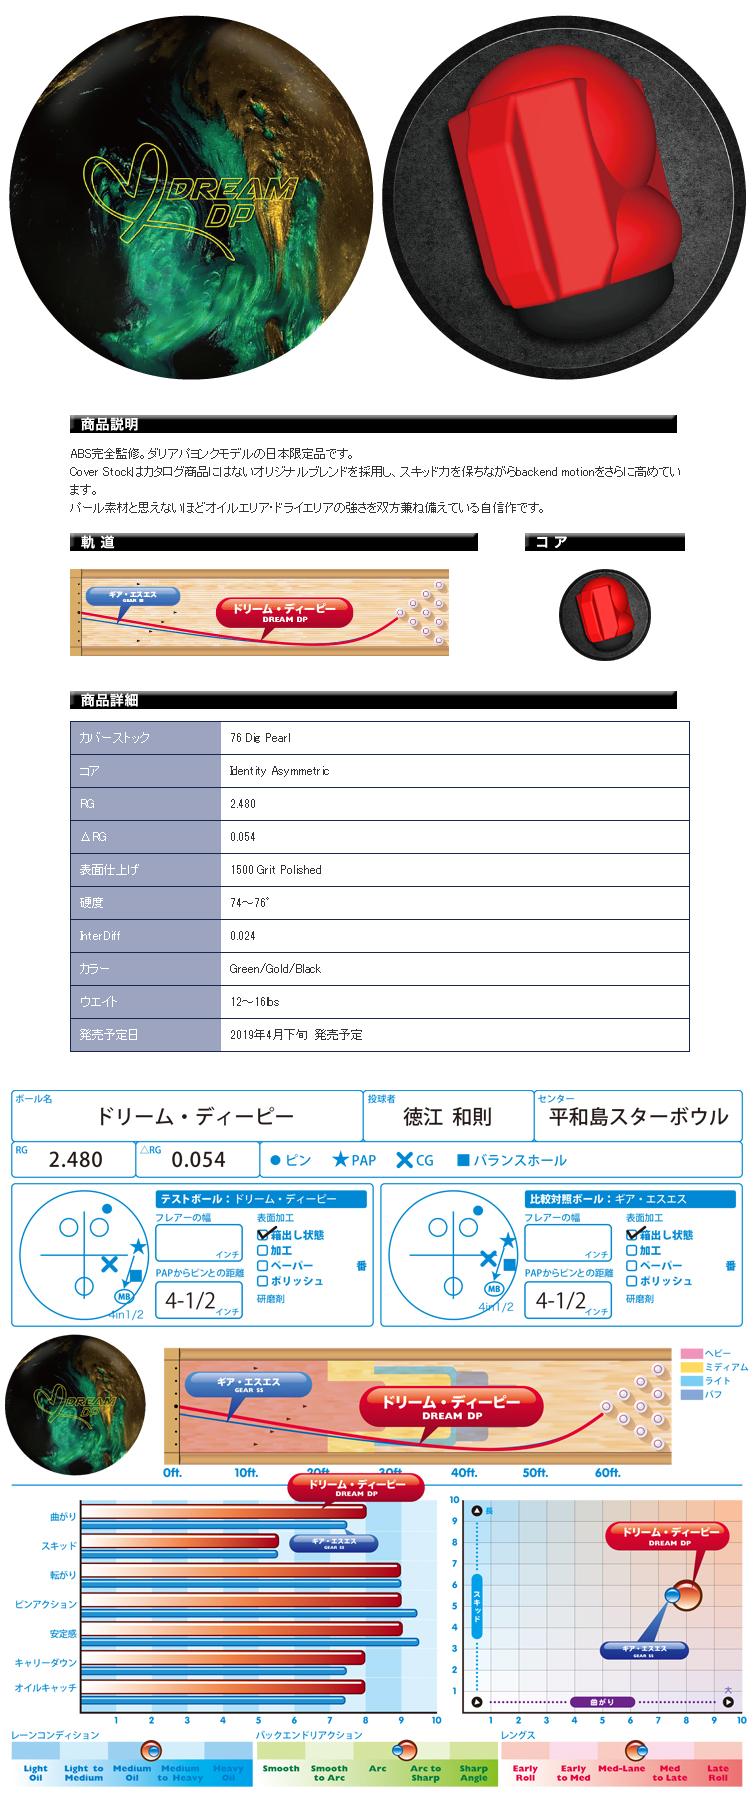 ボウリング用品 ボウリングボール 900グローバル 900GLOBAL ドリームDP DREAM DP